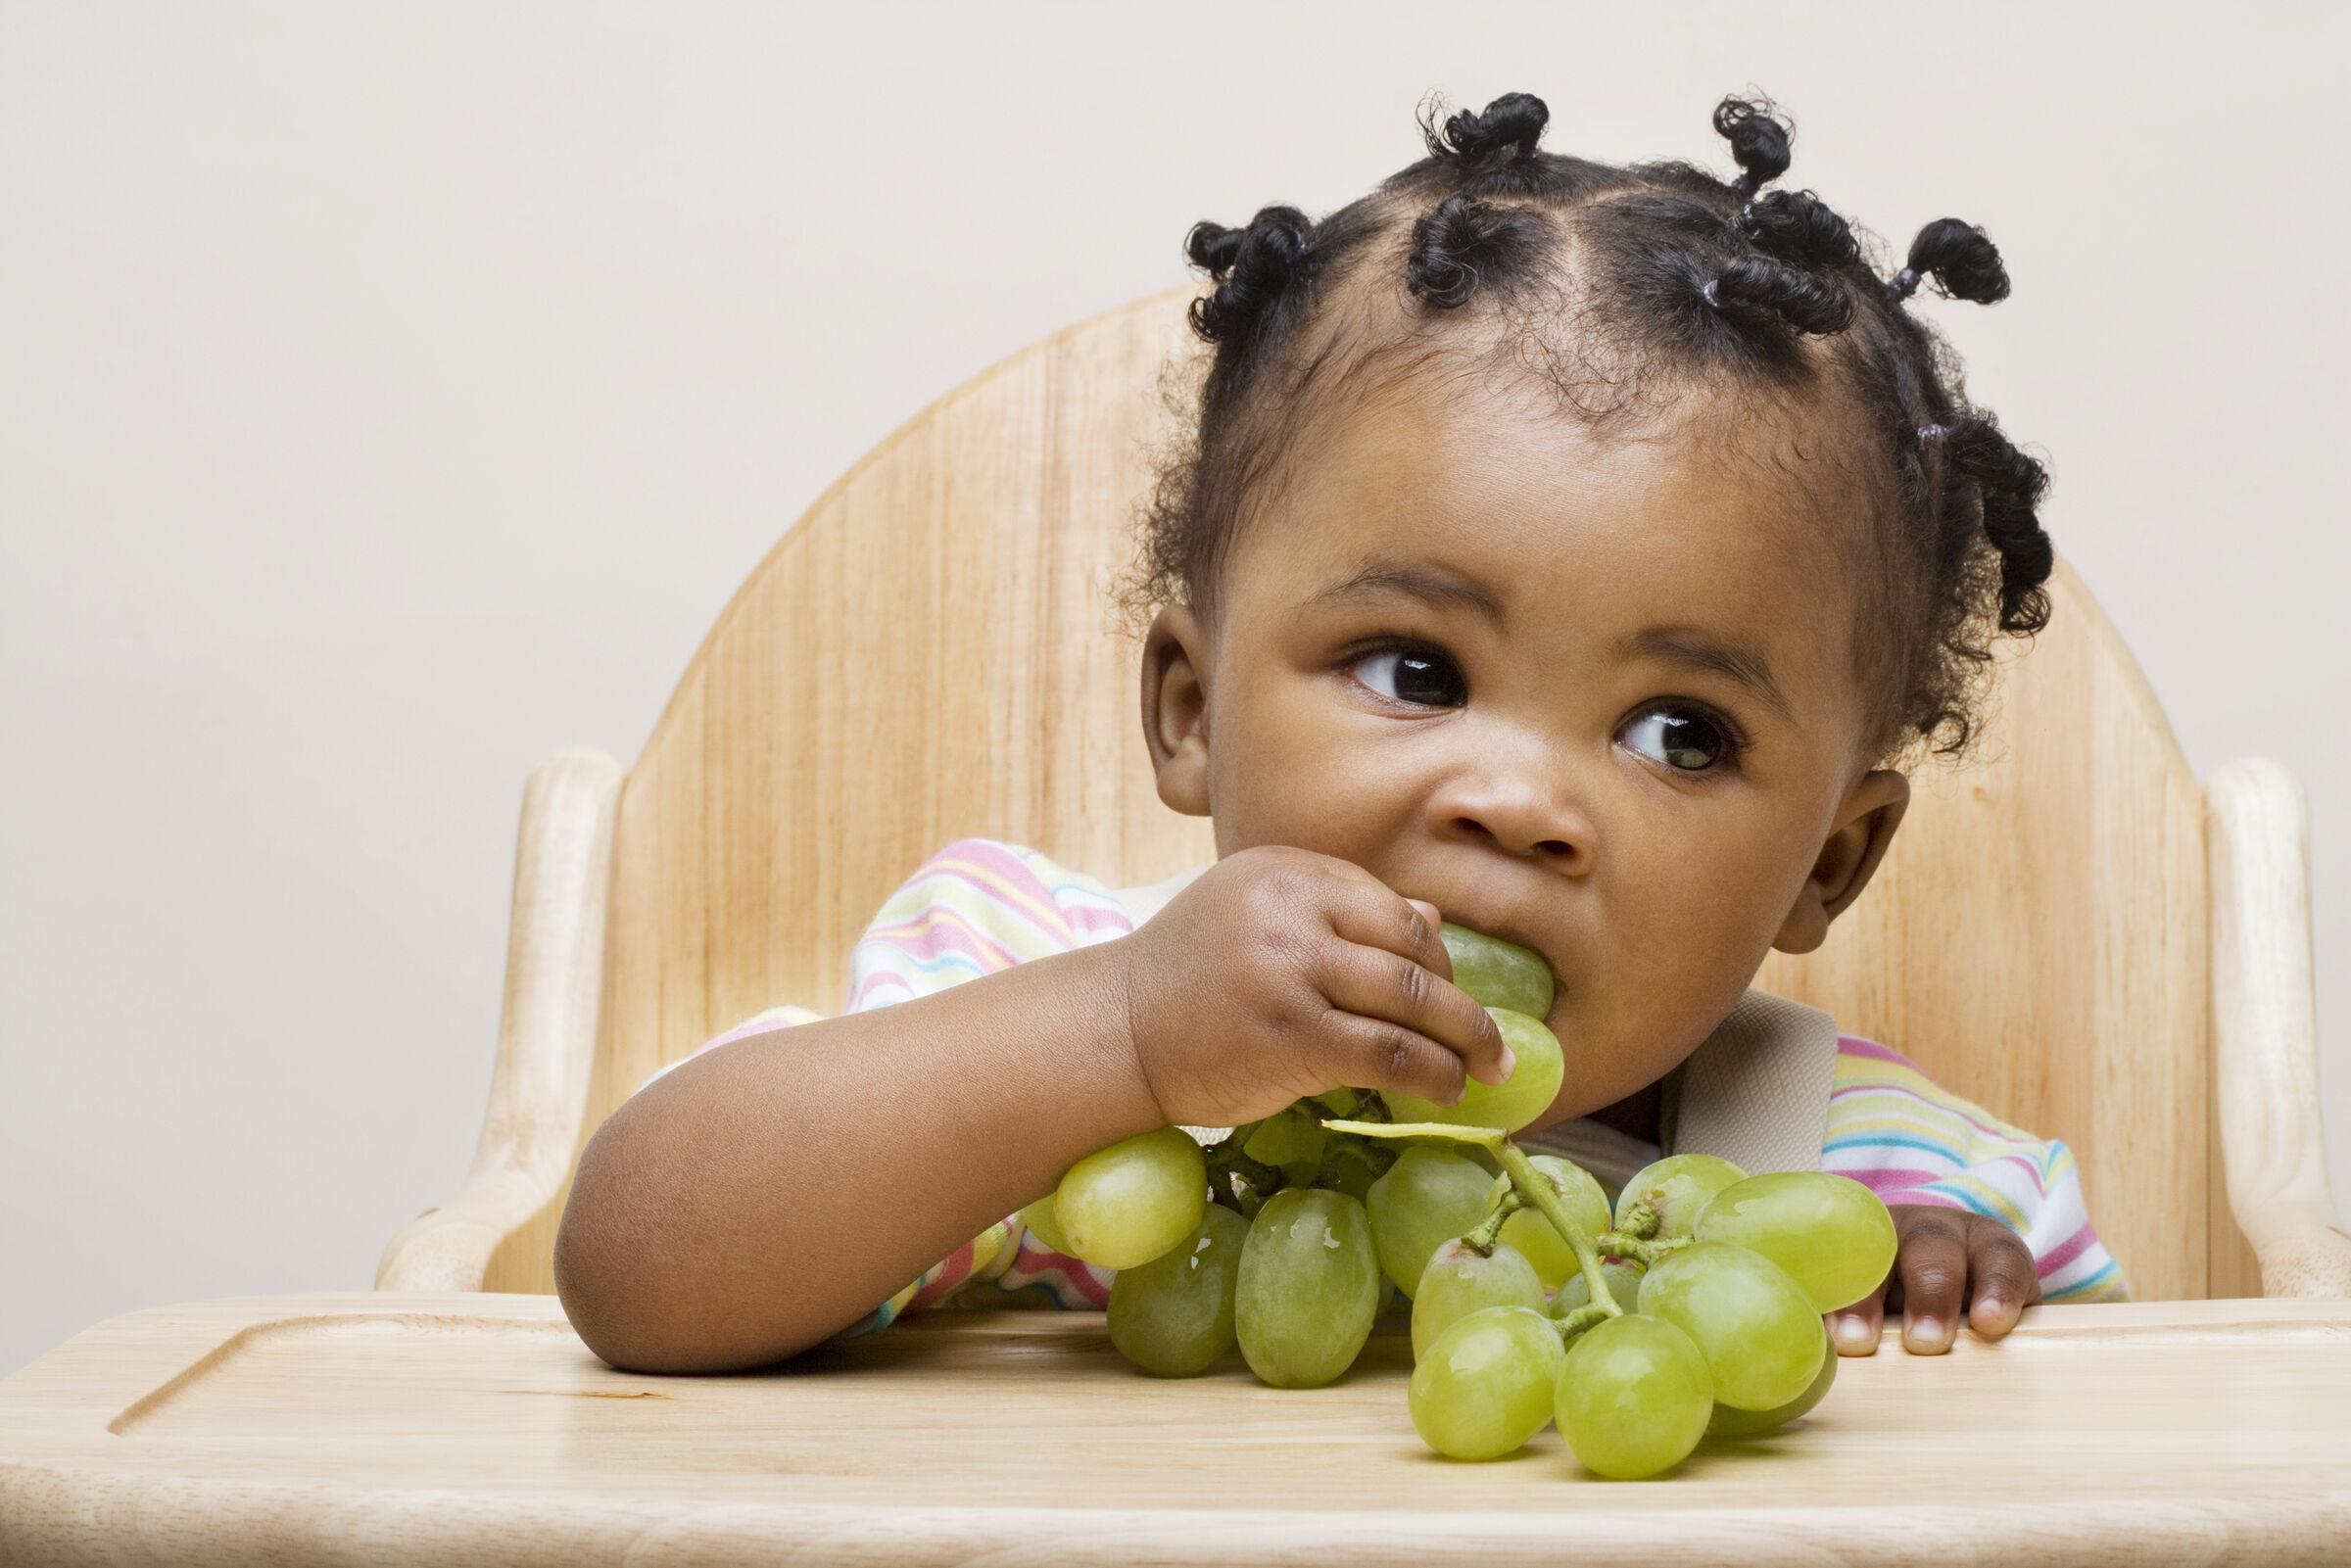 Garotinha-comendo-uva